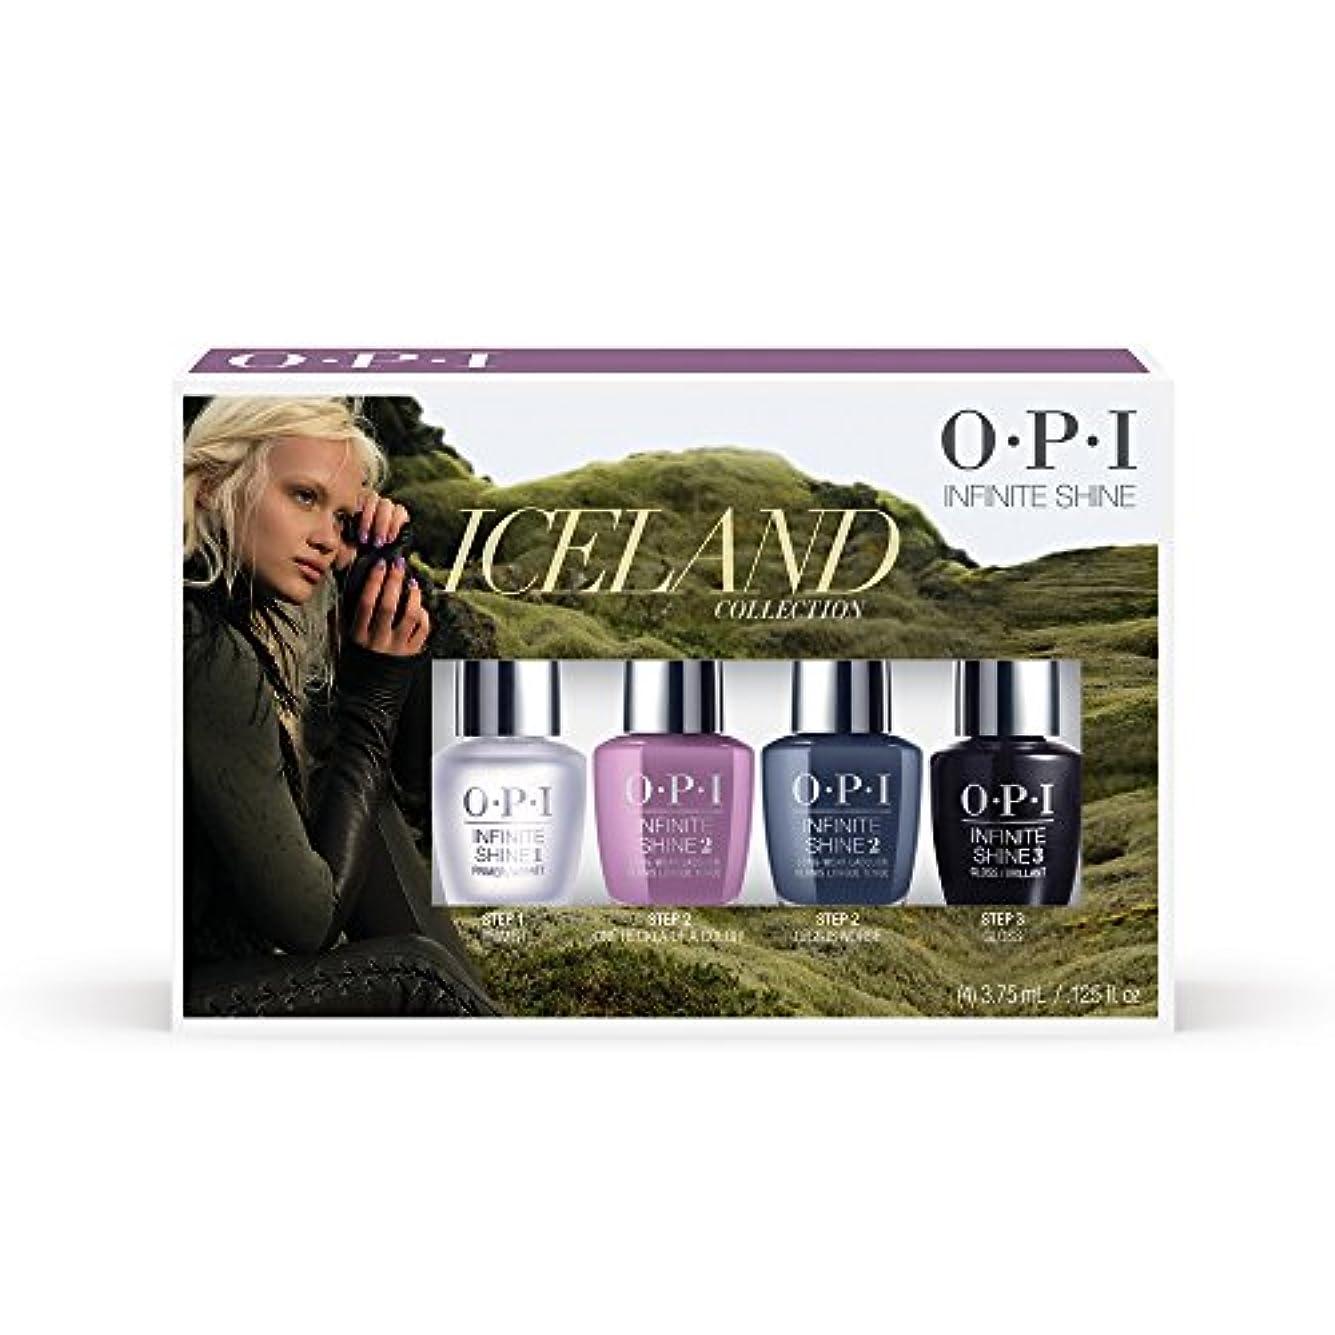 割合メイドワイドOPI(オーピーアイ) アイスランド コレクション インフィニット シャイン ミニパック